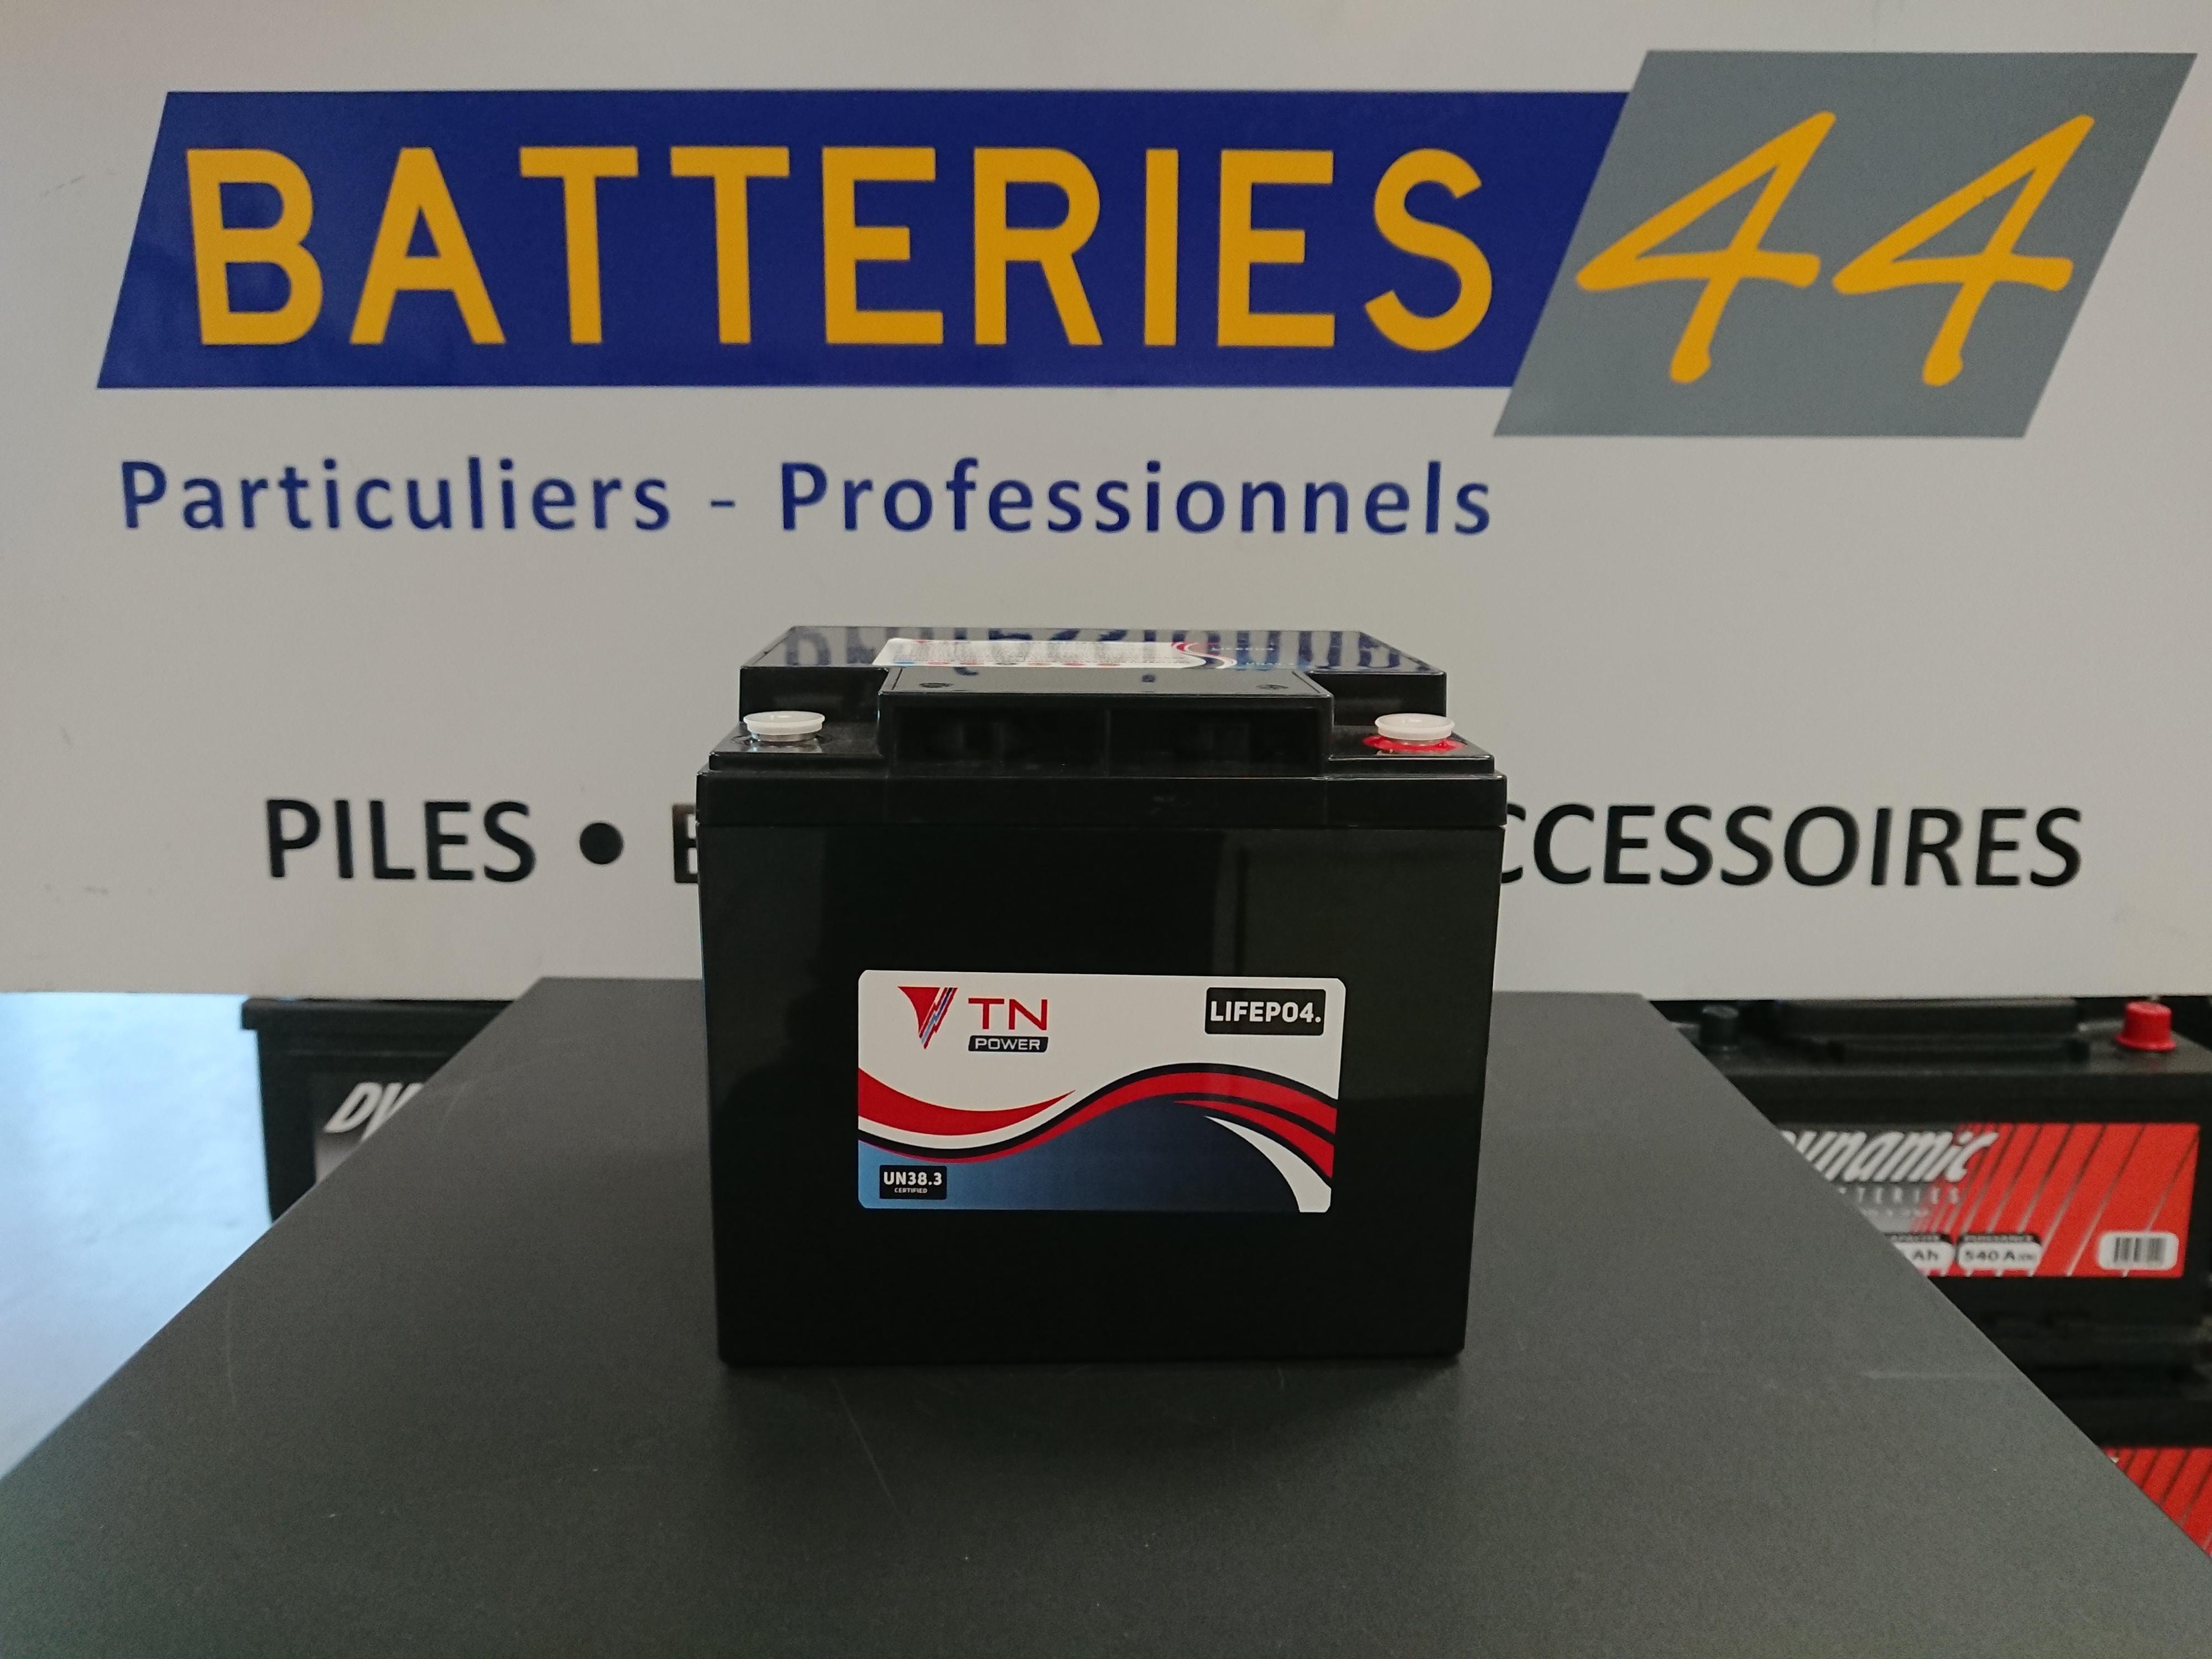 Batterie décharge lente...